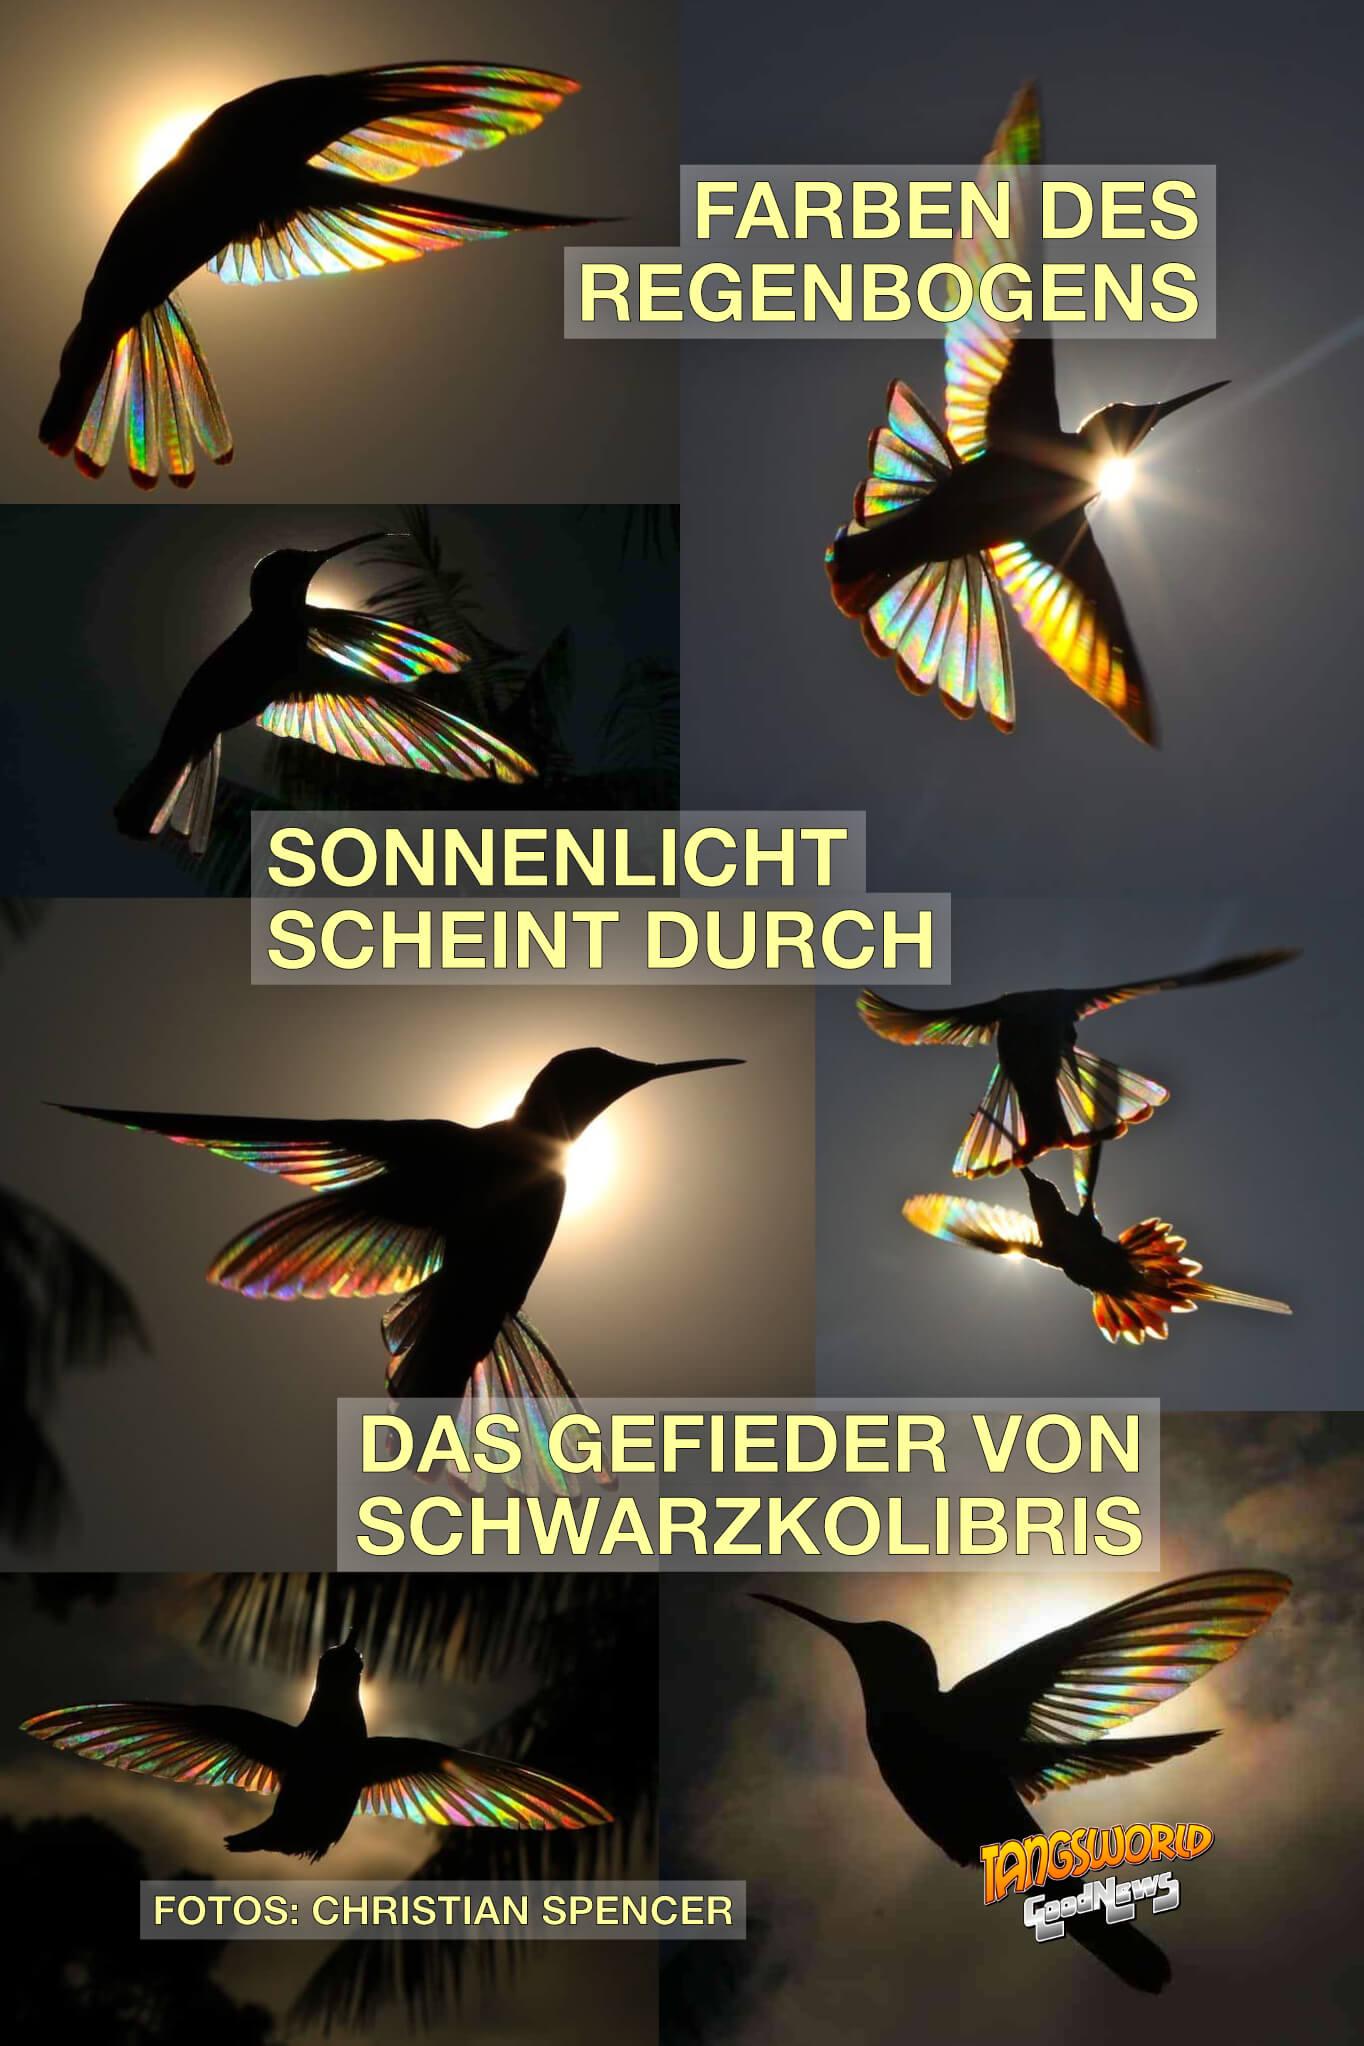 Farben des Regenbogens. Sonnenlicht scheint durch das Gefieder von Schwarzkolibris - GoodNews | Fotos: Christian Spencer